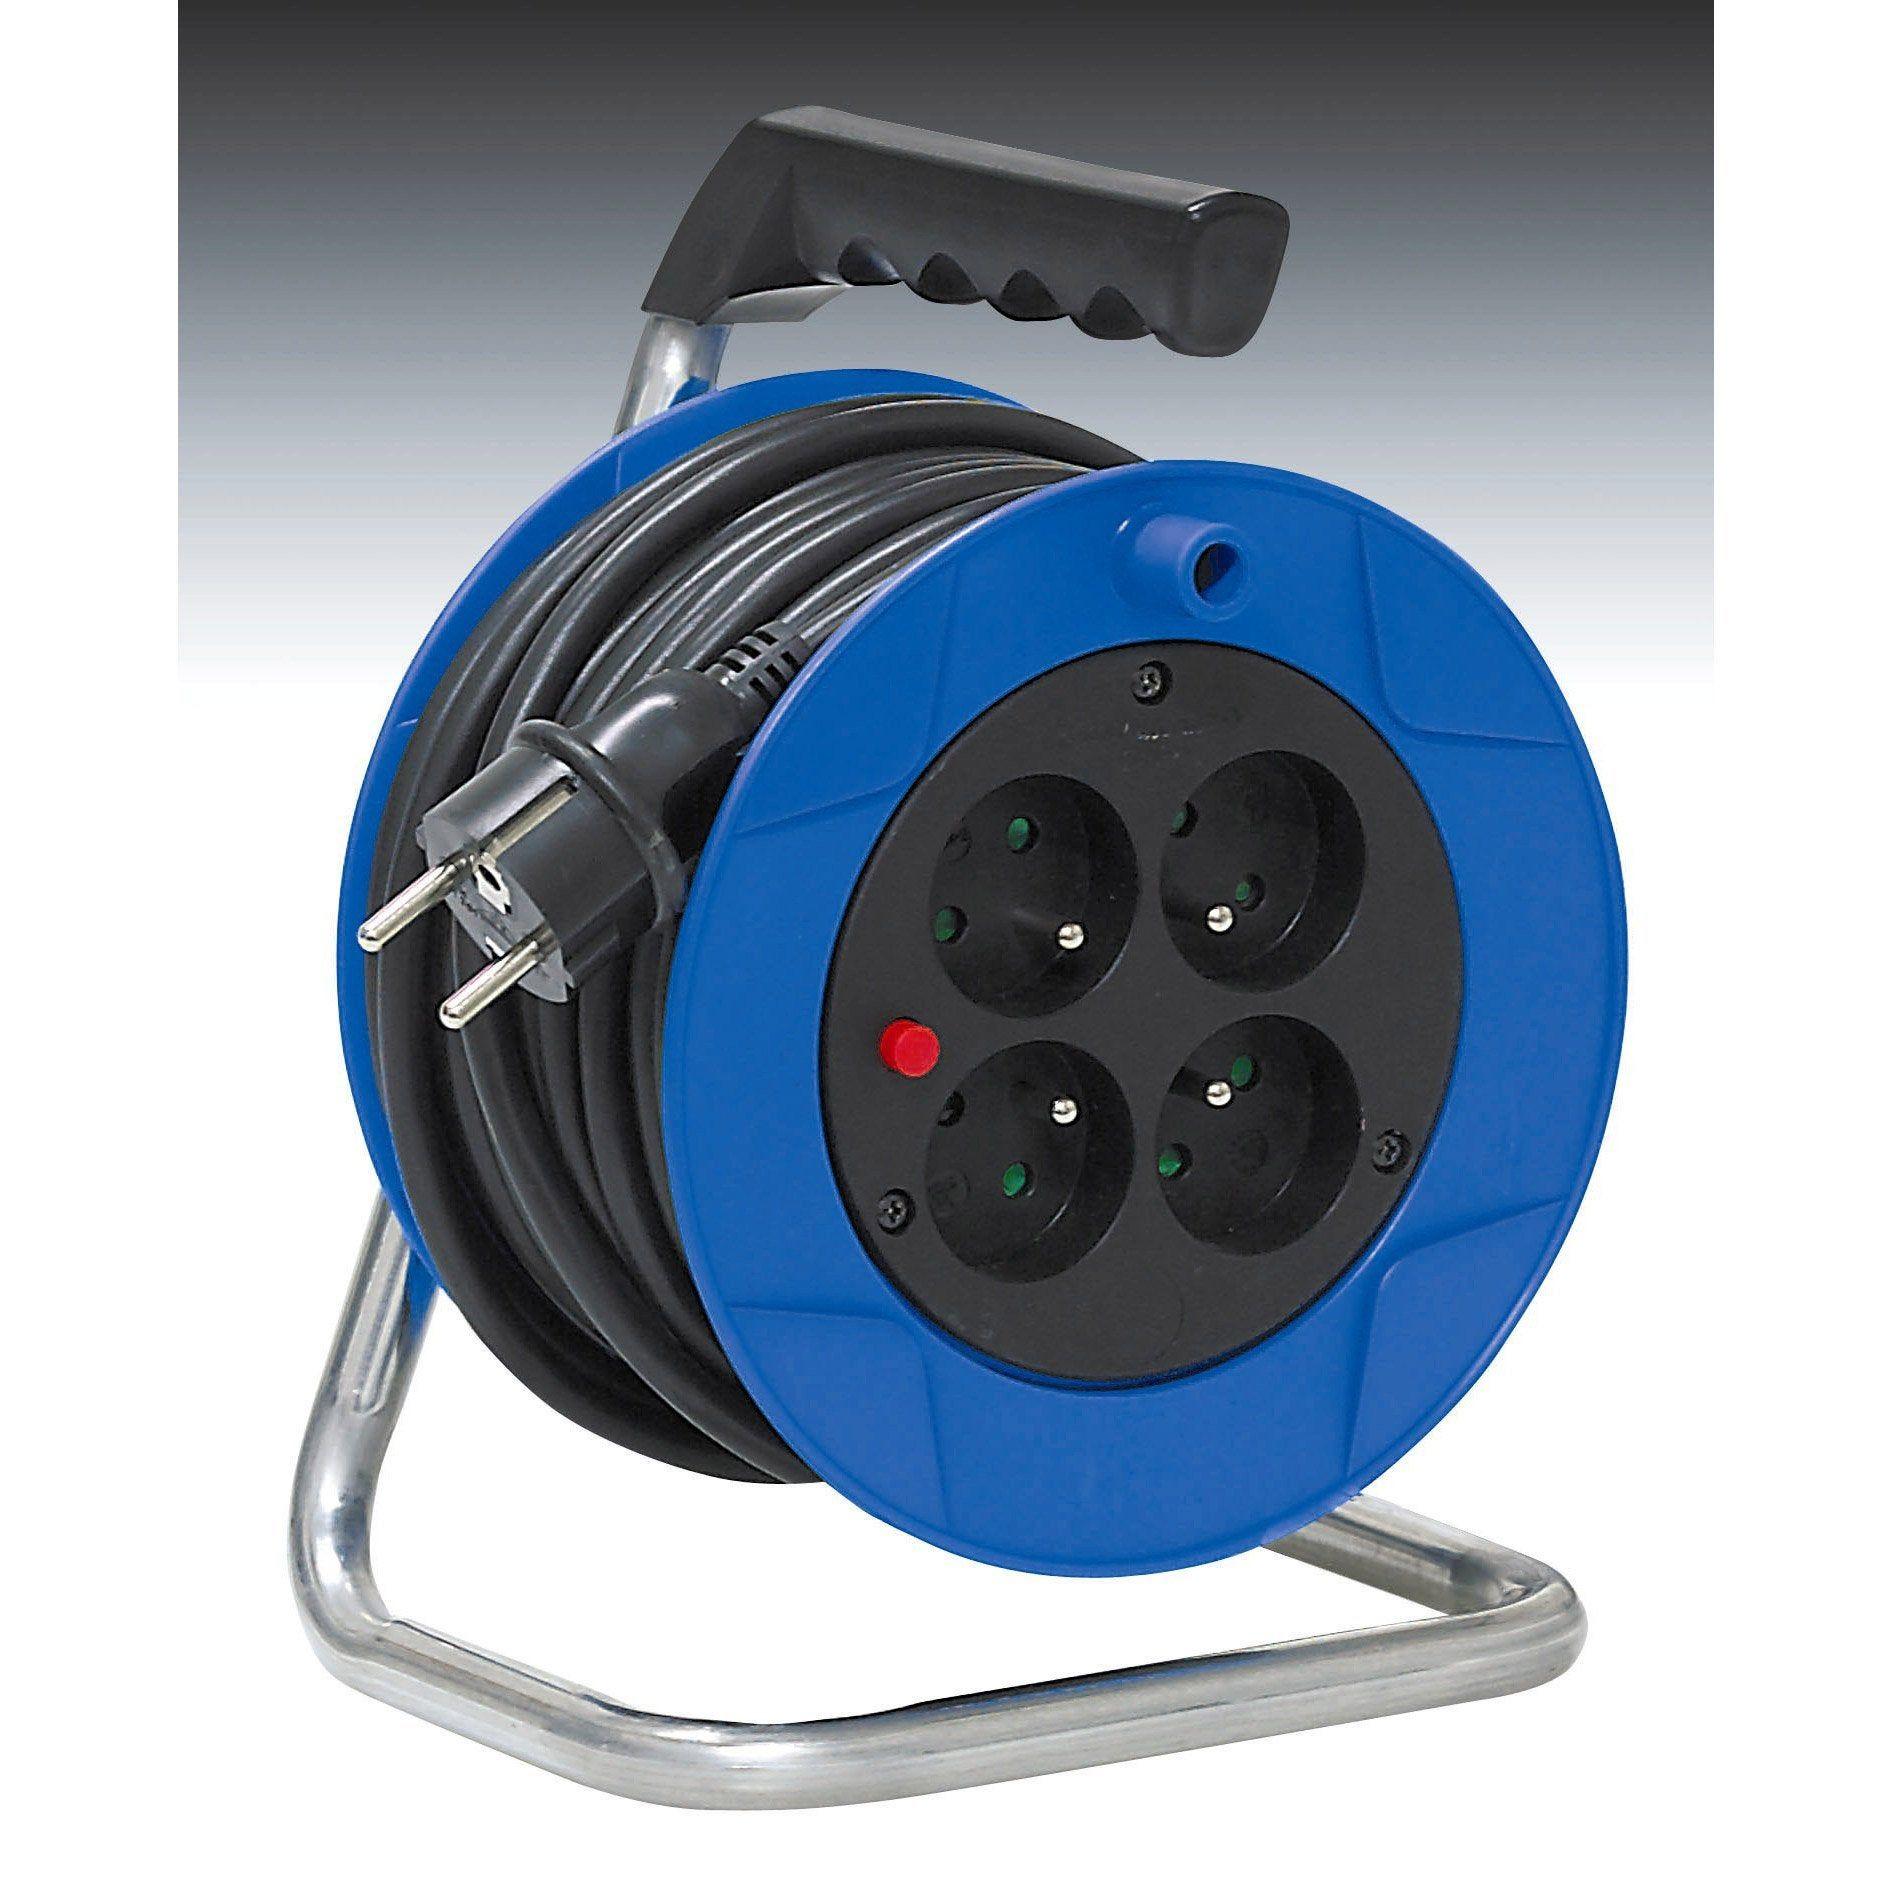 Enrouleur De Cable Electrique Bricolage L 15 M Brennenstuhl Enrouleur De Cable Cable Electrique Et Bricolage